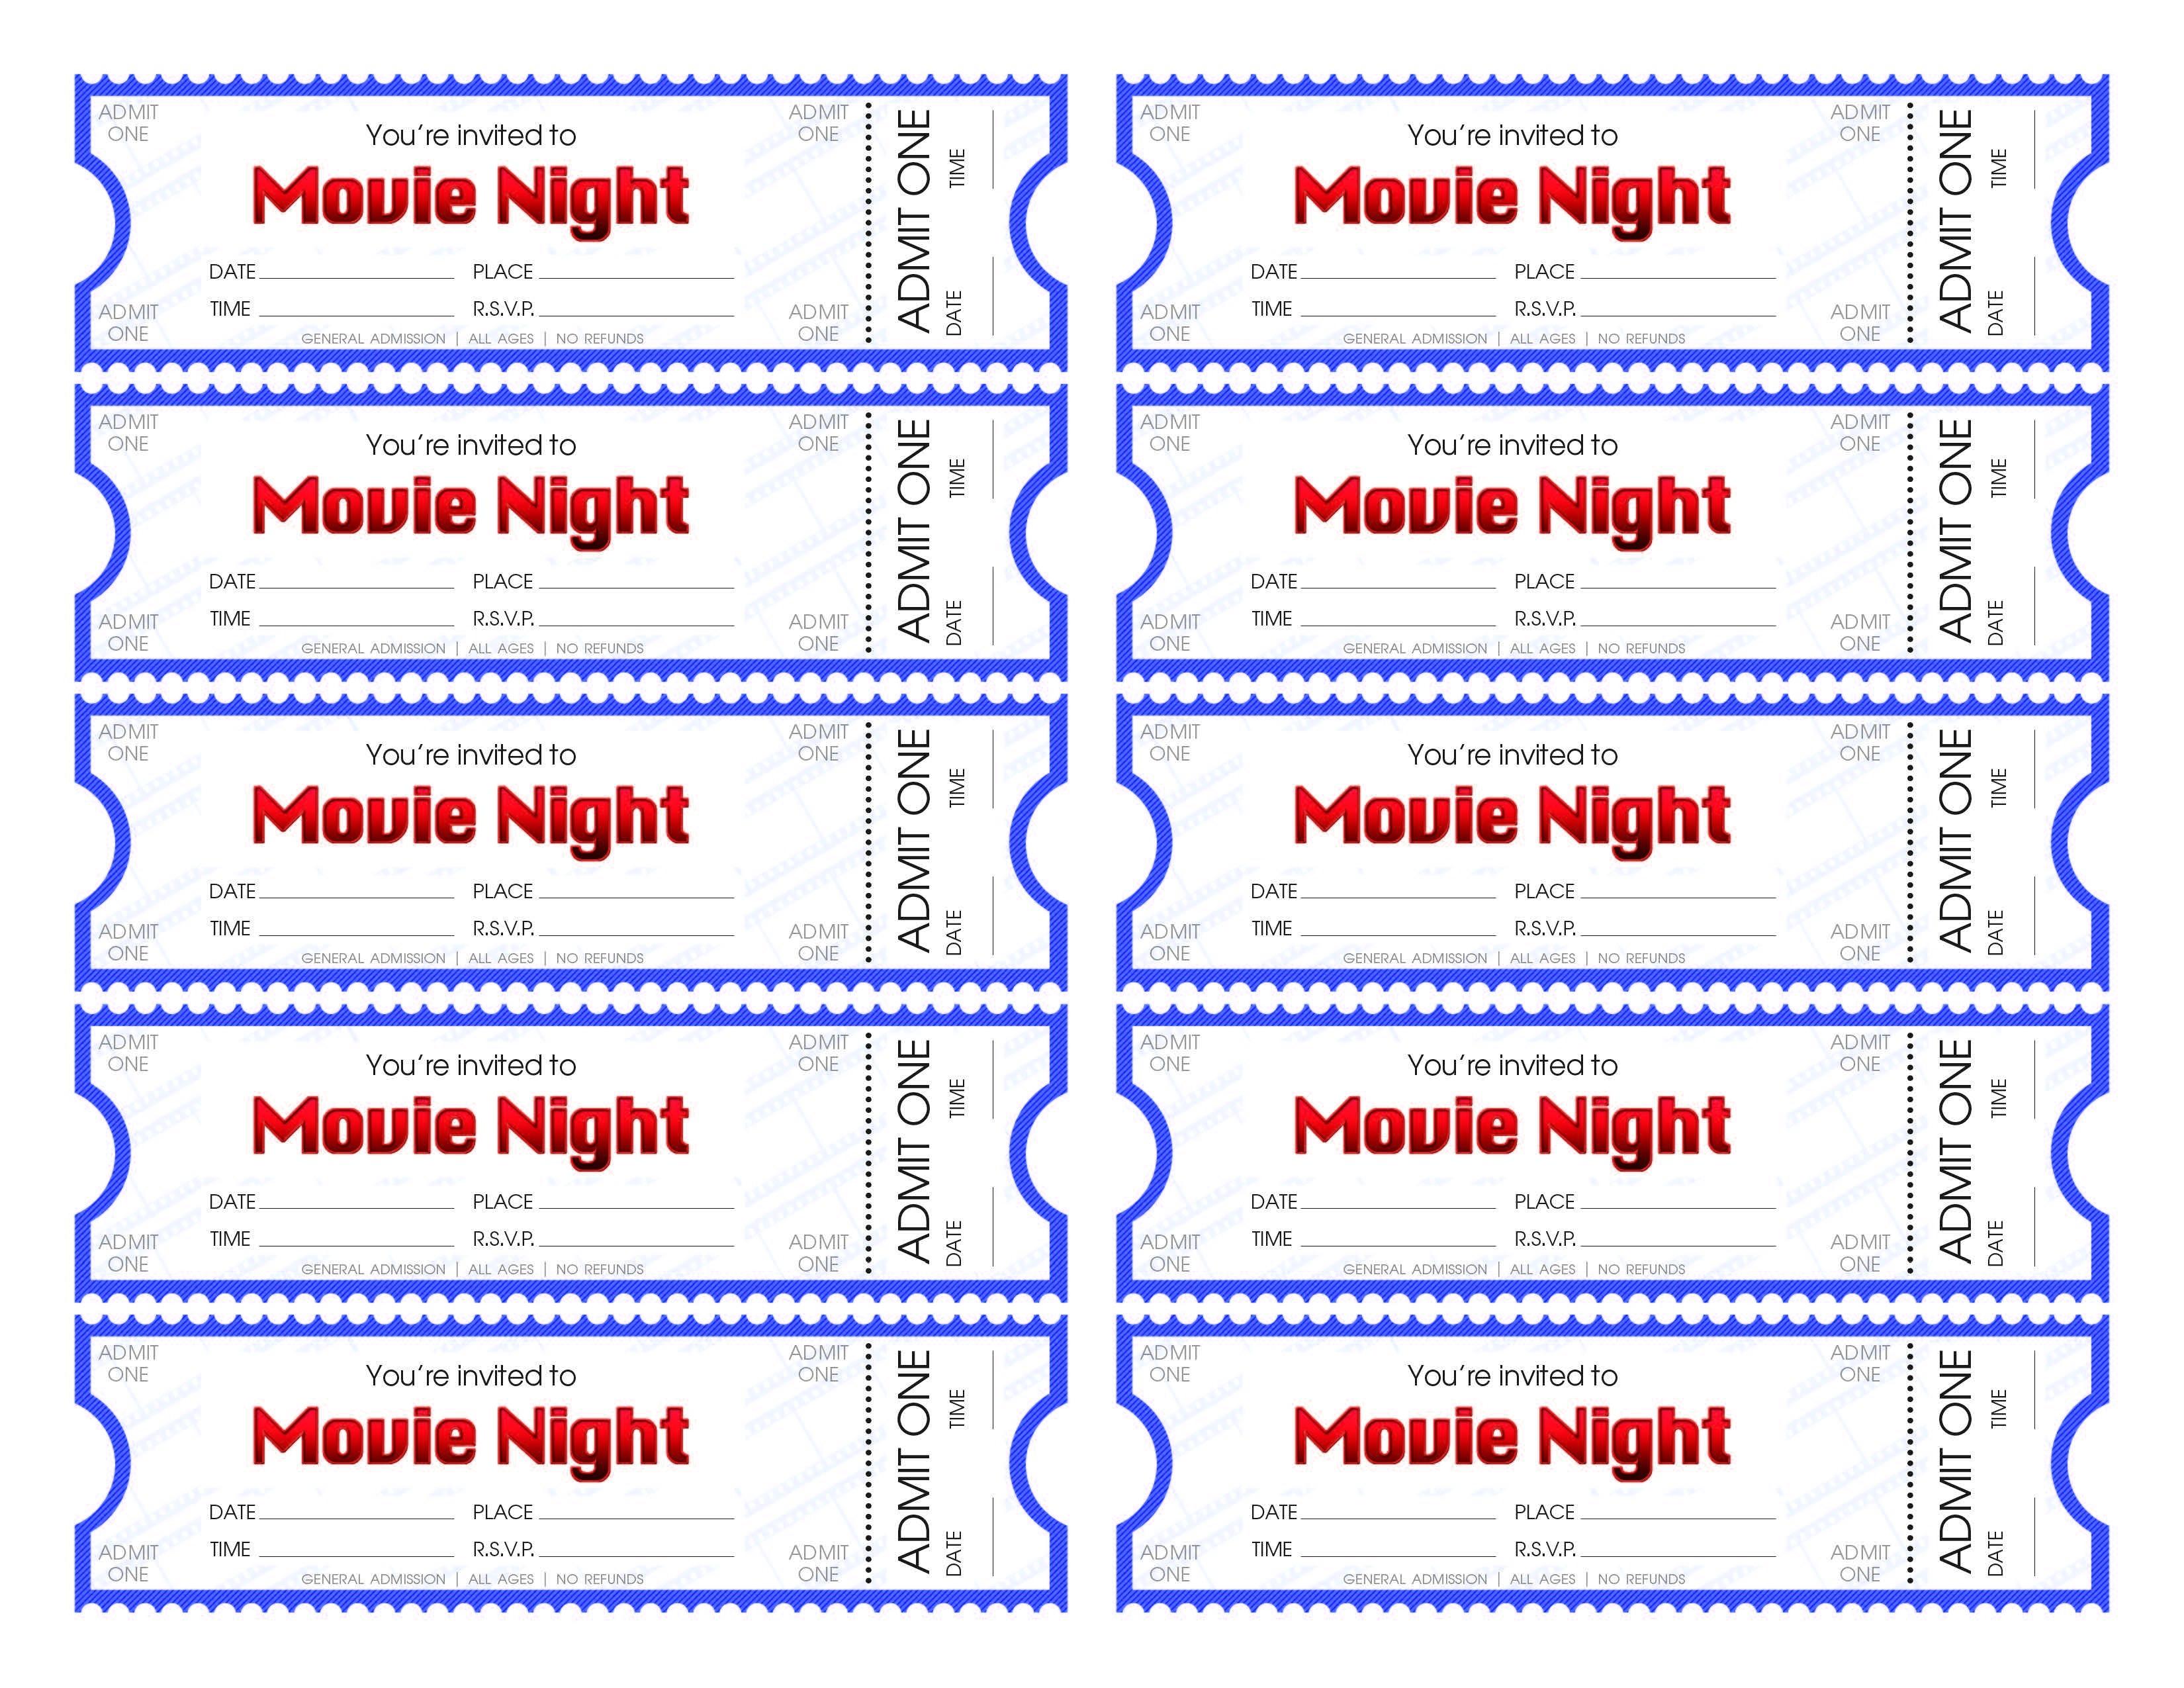 Free Printable Movie Tickets   Bestprintable231118 - Make Your Own Tickets Free Printable